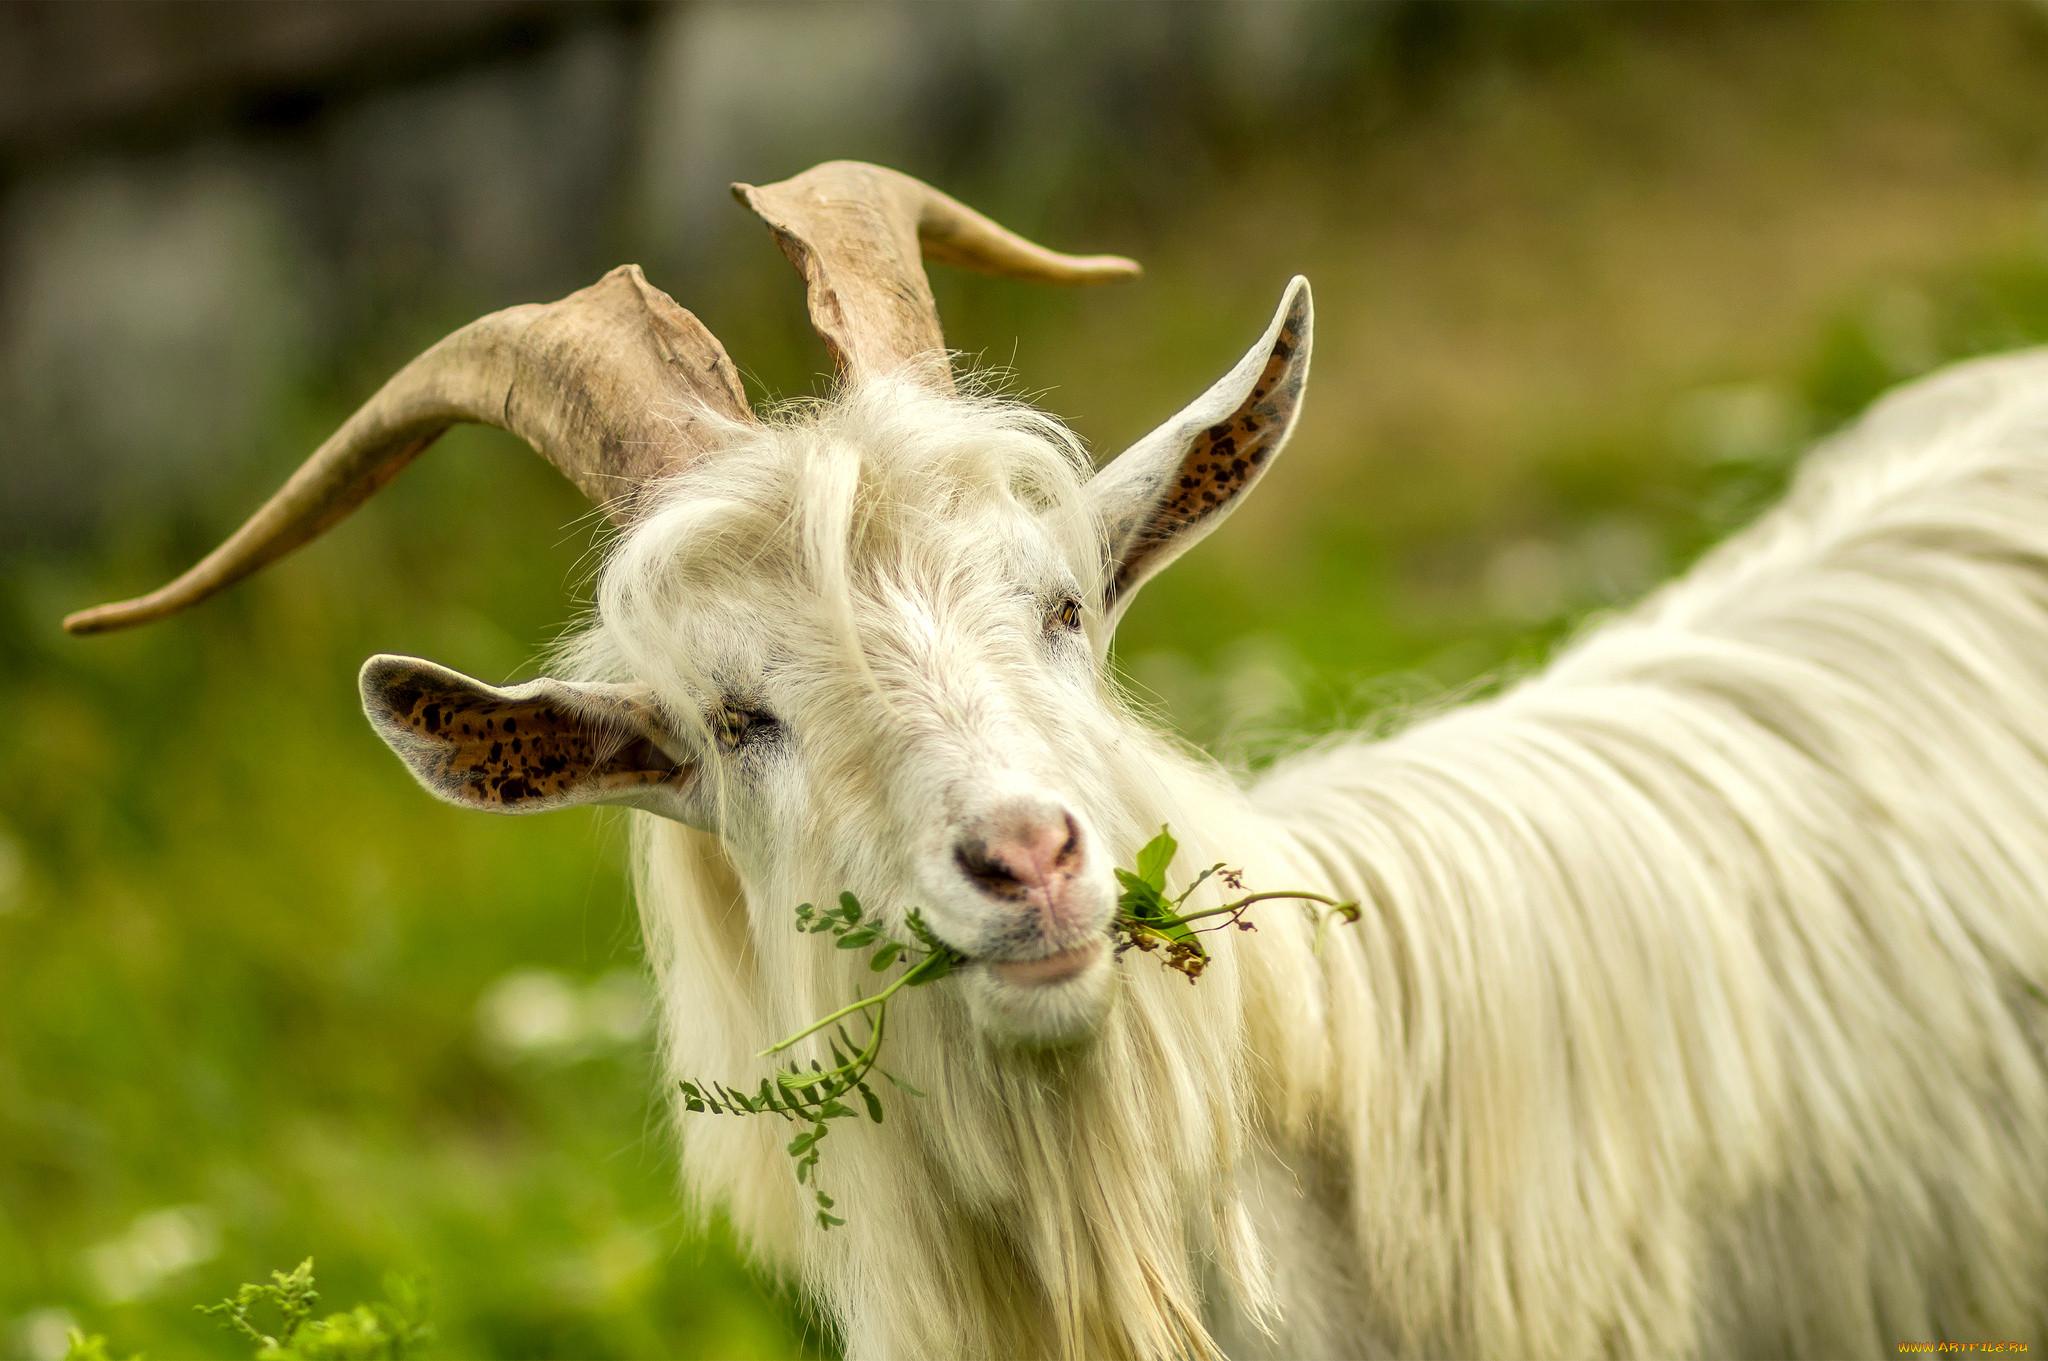 картинки козы картинки козы ольгинке предоставляют возможность